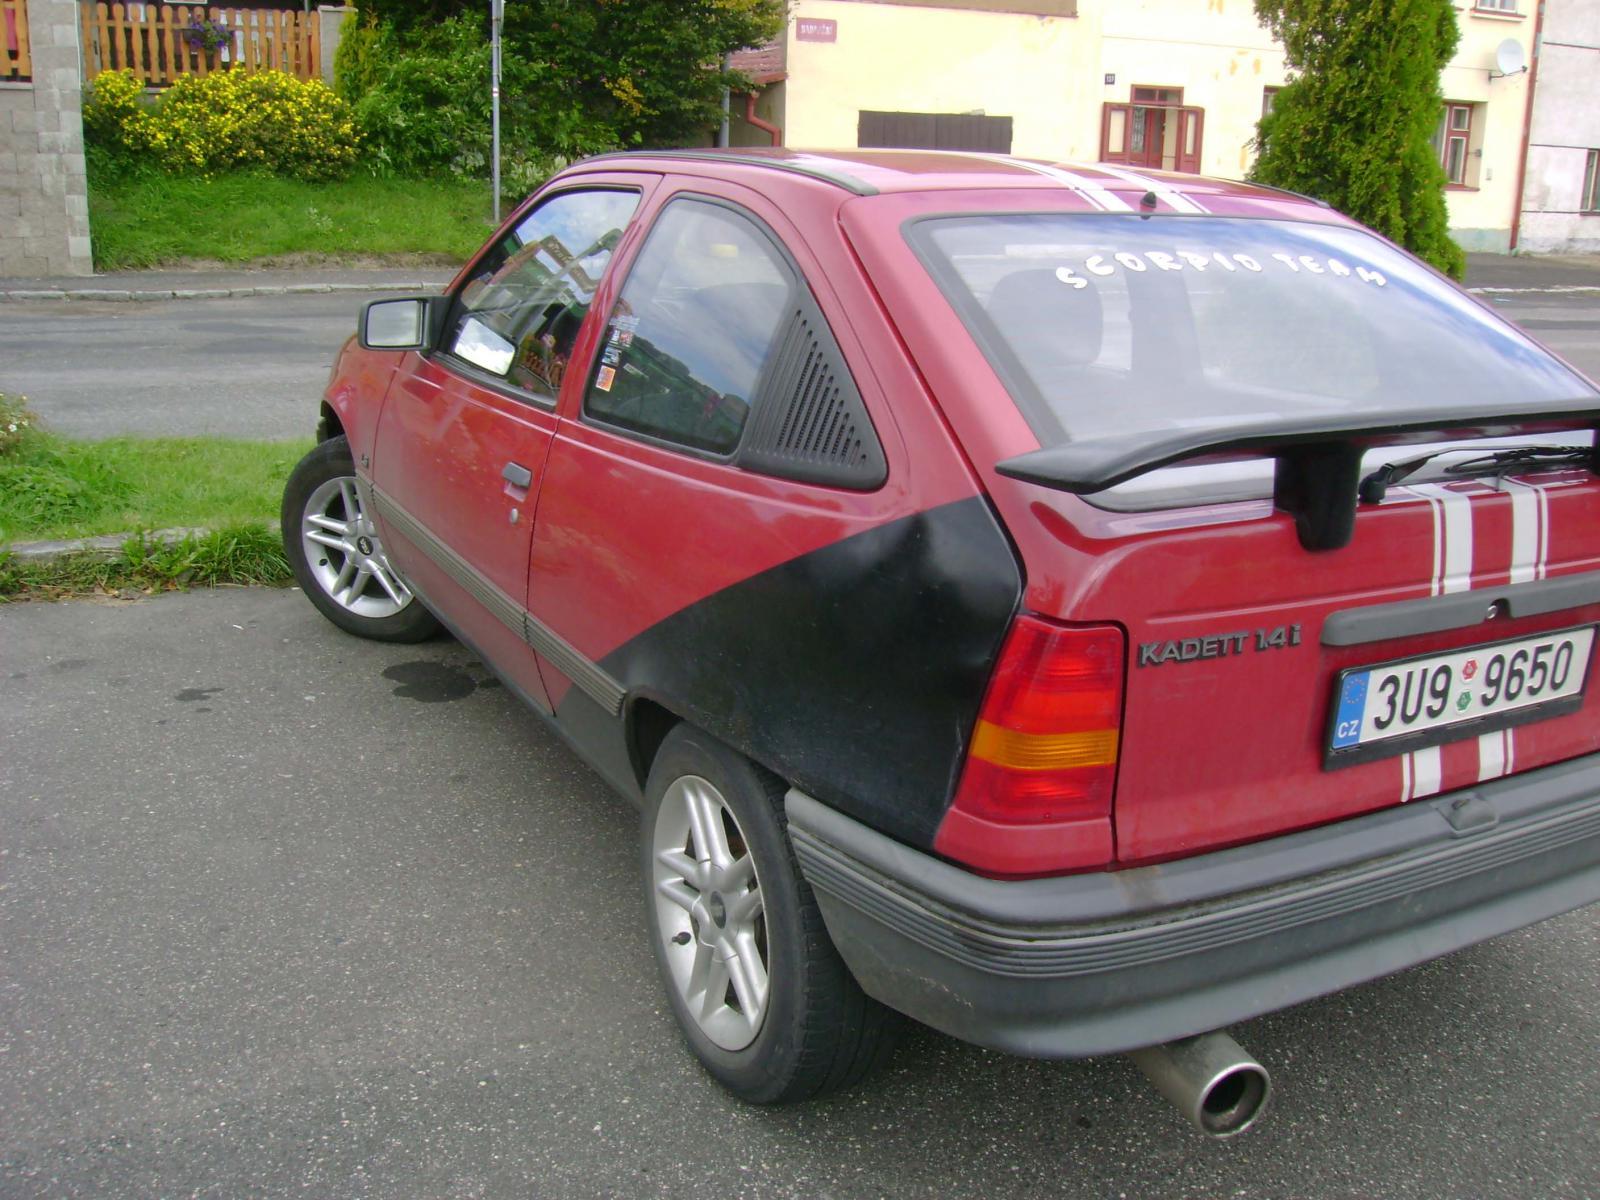 Car detail - Opel Kadett E 1.4